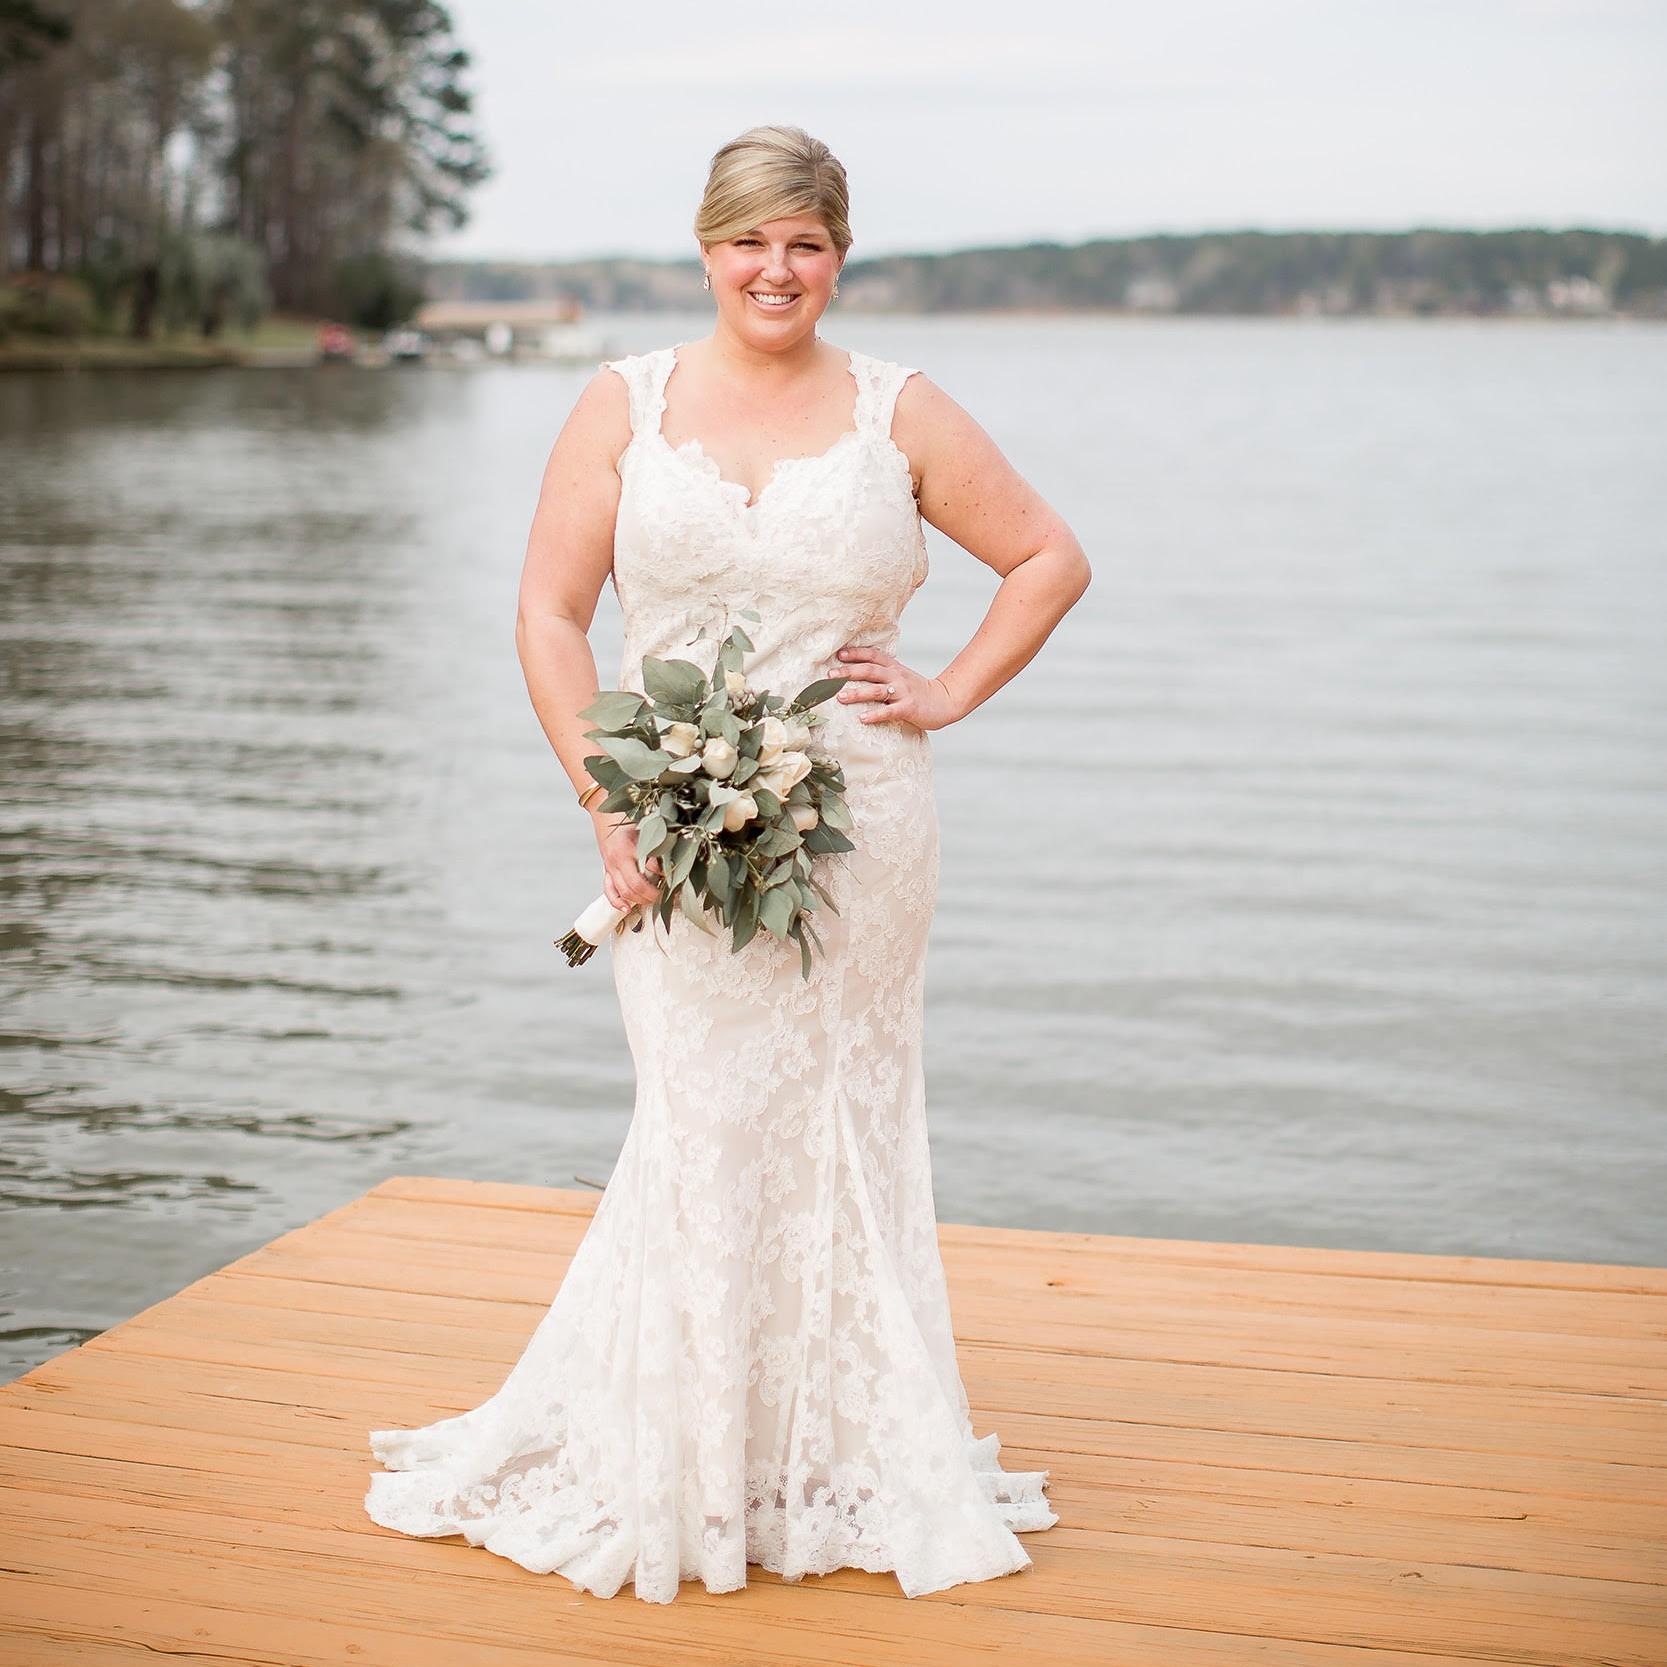 Katelyn Seymour - Atlanta, GA